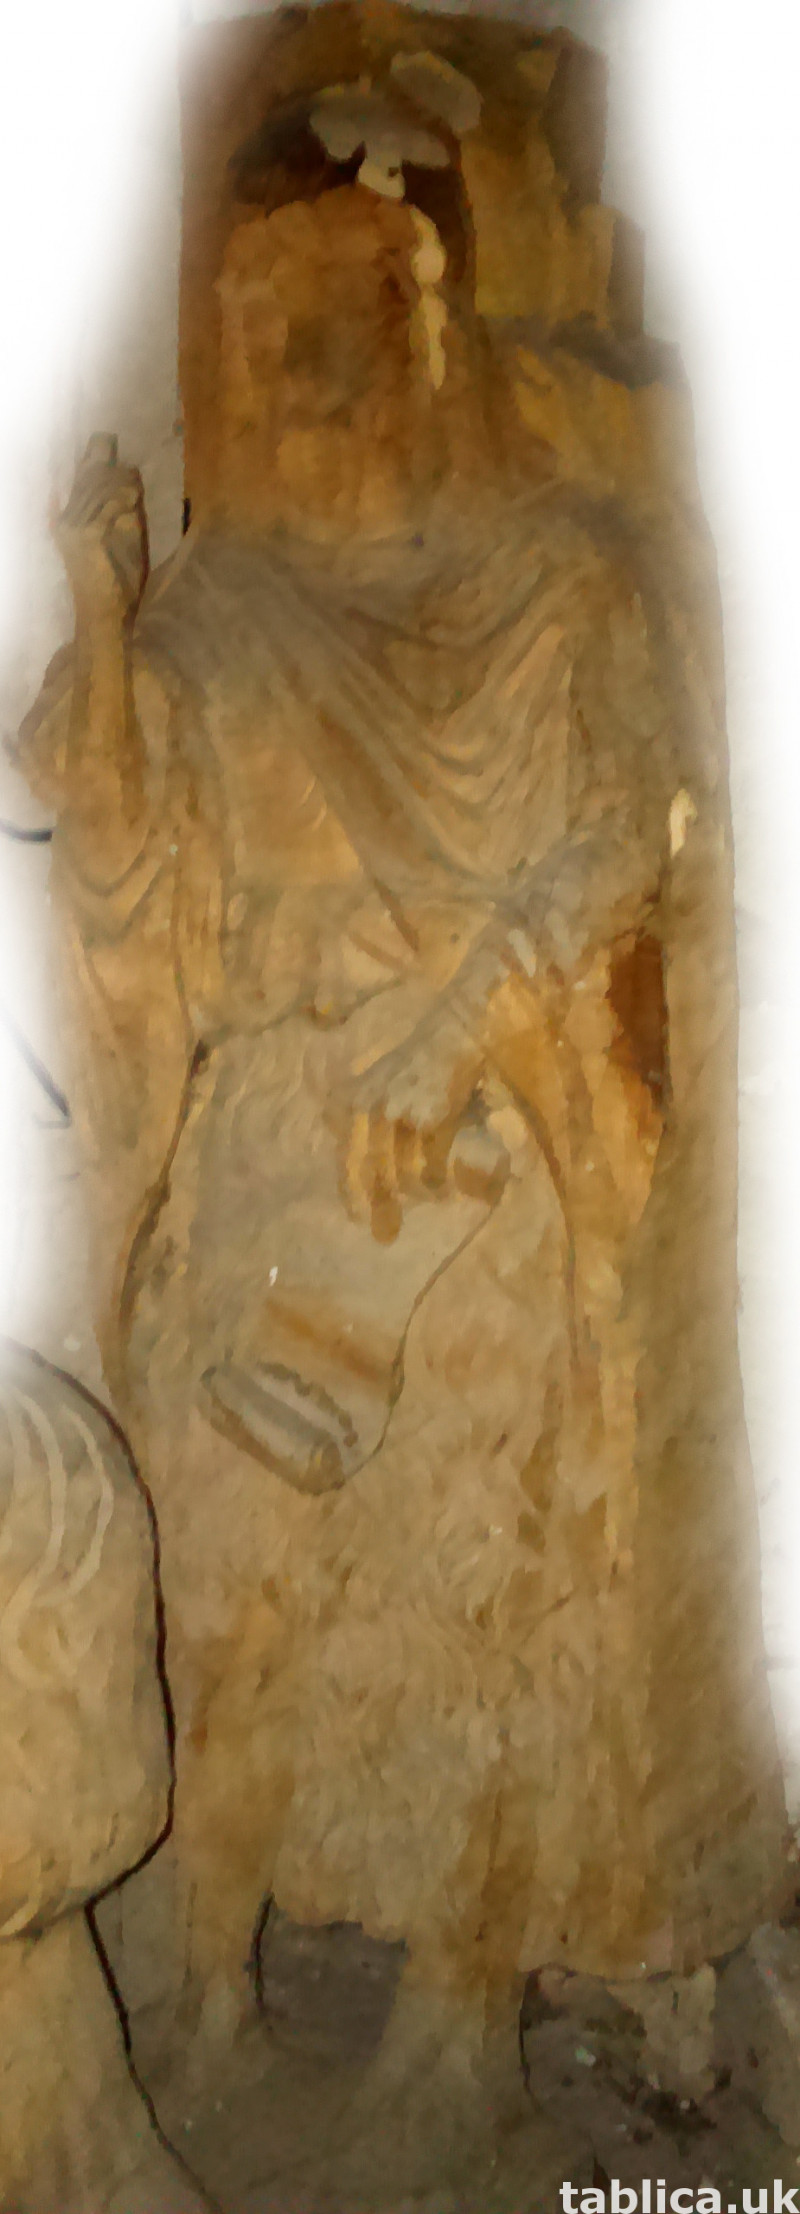 For Sale: Sculpture: Saint - Solid Wood  1